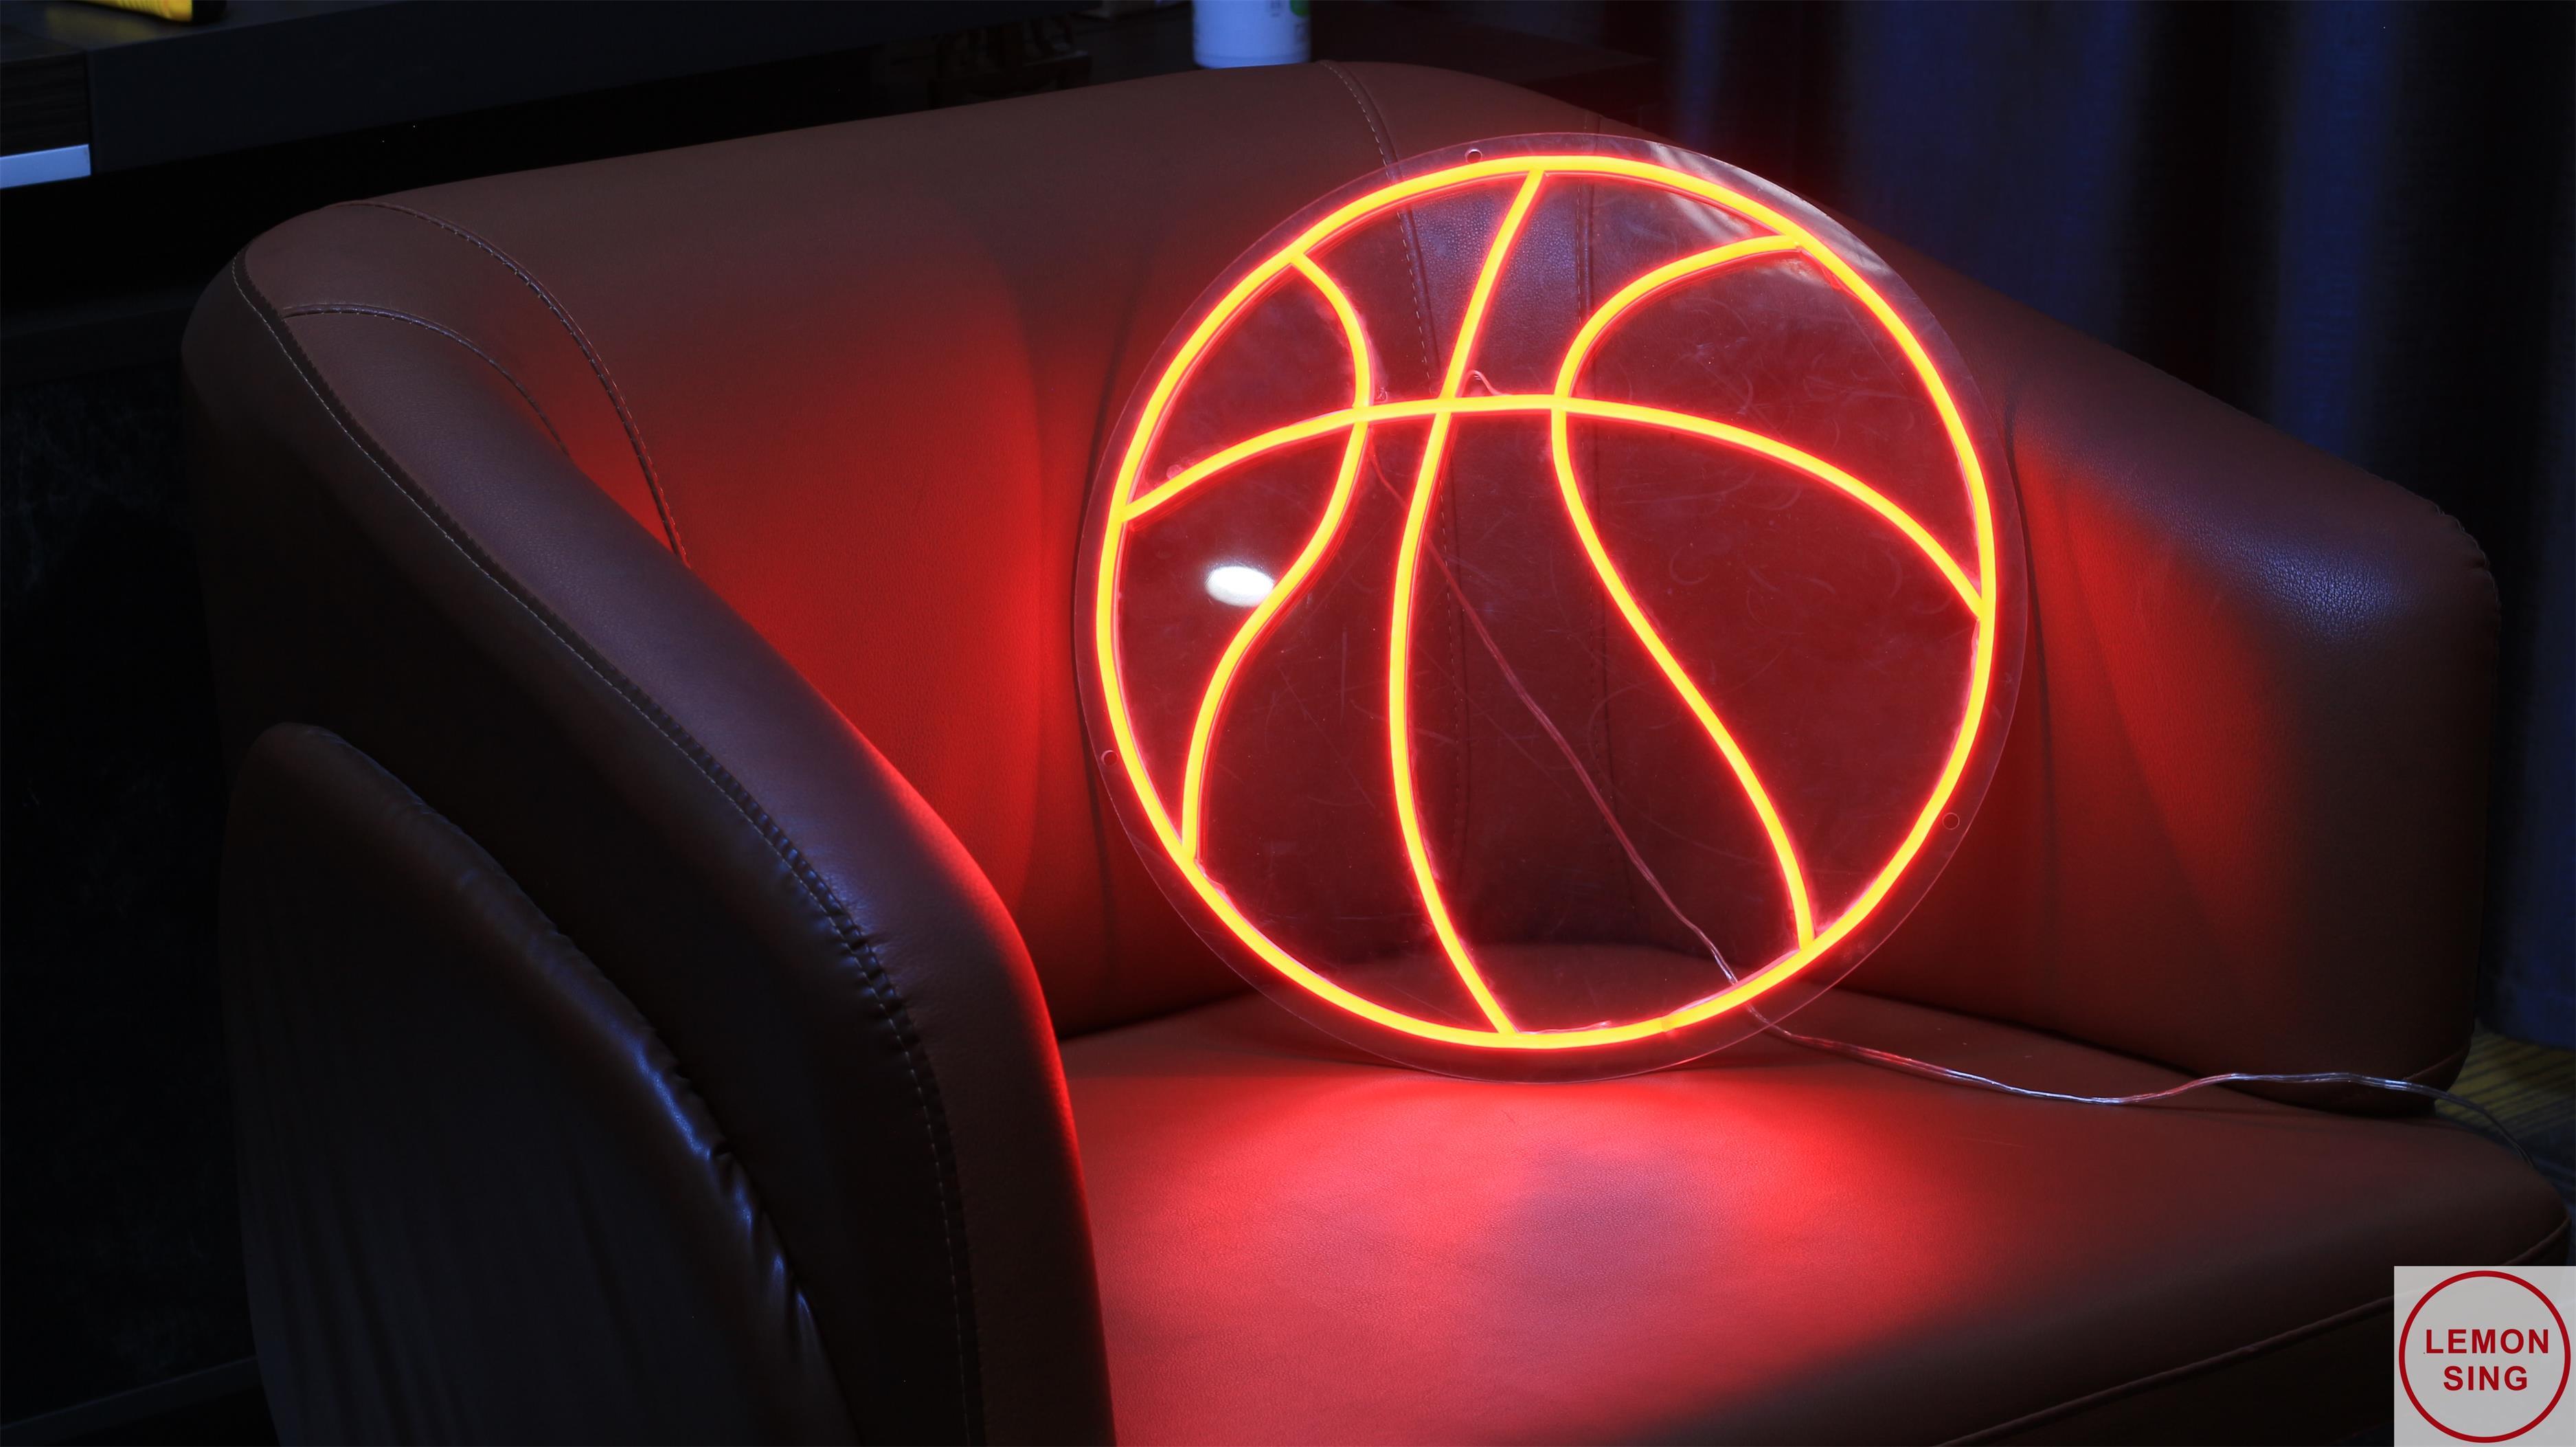 مخصص لكرة السلة النيون تسجيل شعار نيون مخصص هدية خاصة بعيد الميلاد الأحمر ضوء LED غرفة المنزل الديكور هدايا بطابع شخصي